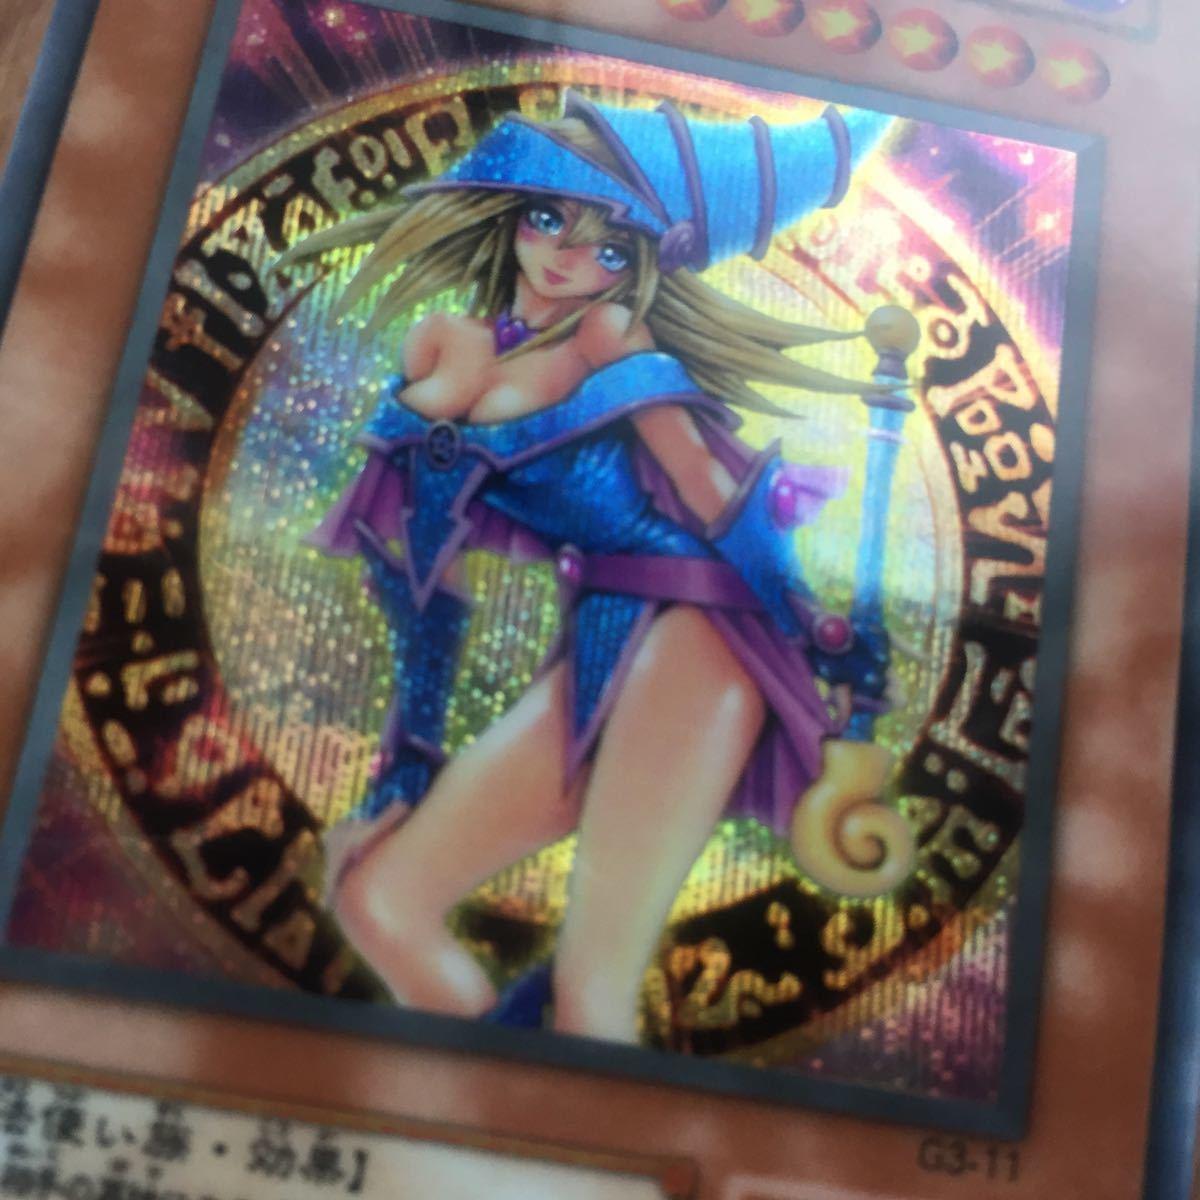 超貴重! ブラックマジシャンガール シークレット カード 遊戯王 オリカ 大会 限定 非売品 初期 シクガール G3-11 コミケ シク_画像4